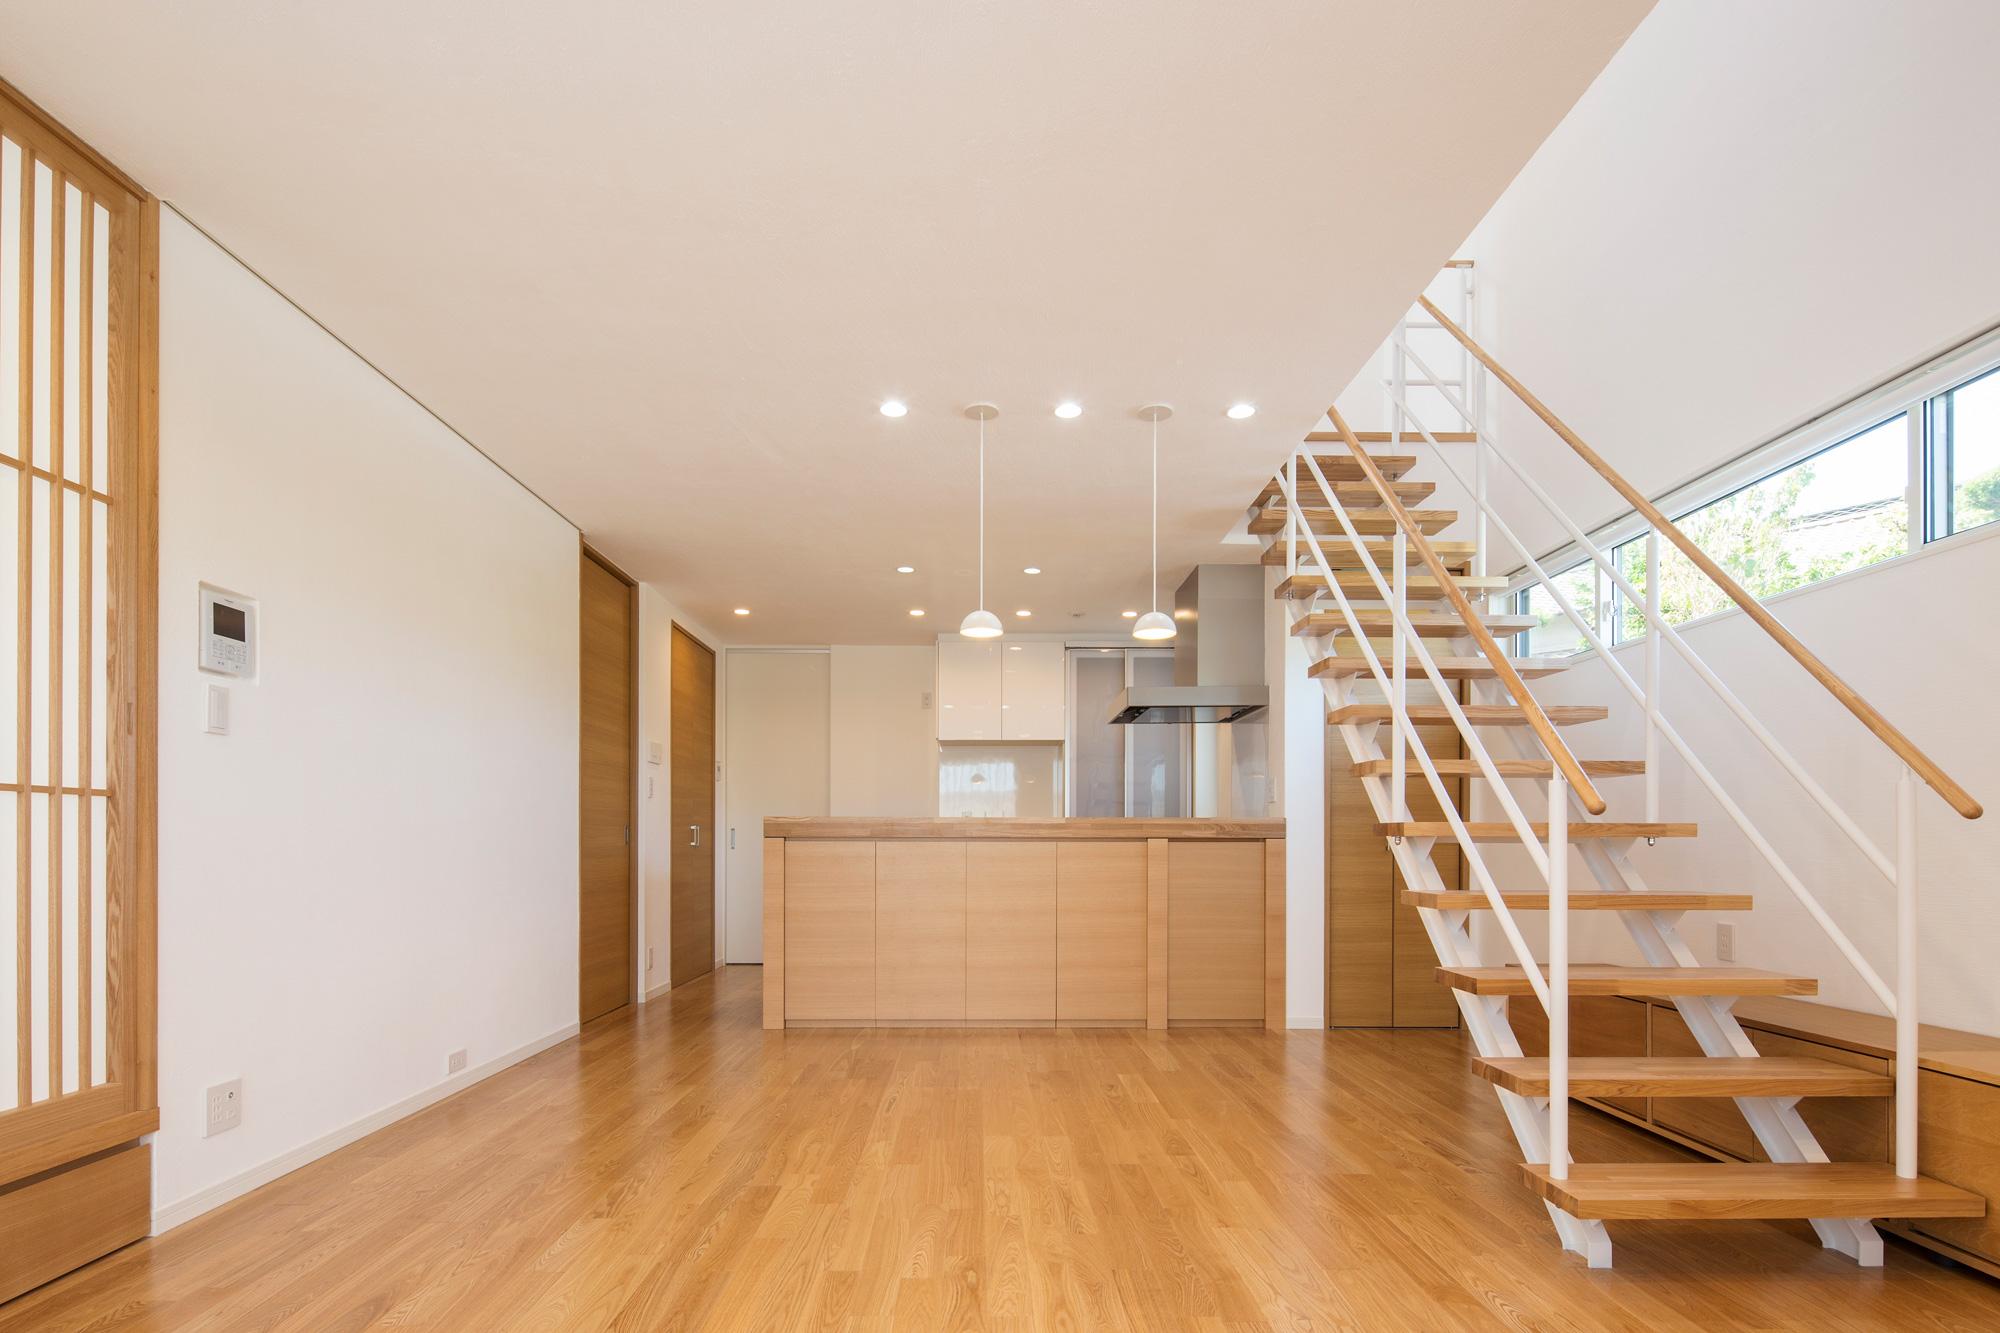 子世帯のLDK: デザインされた階段がアクセントとなり、モダンなテイストとなっています